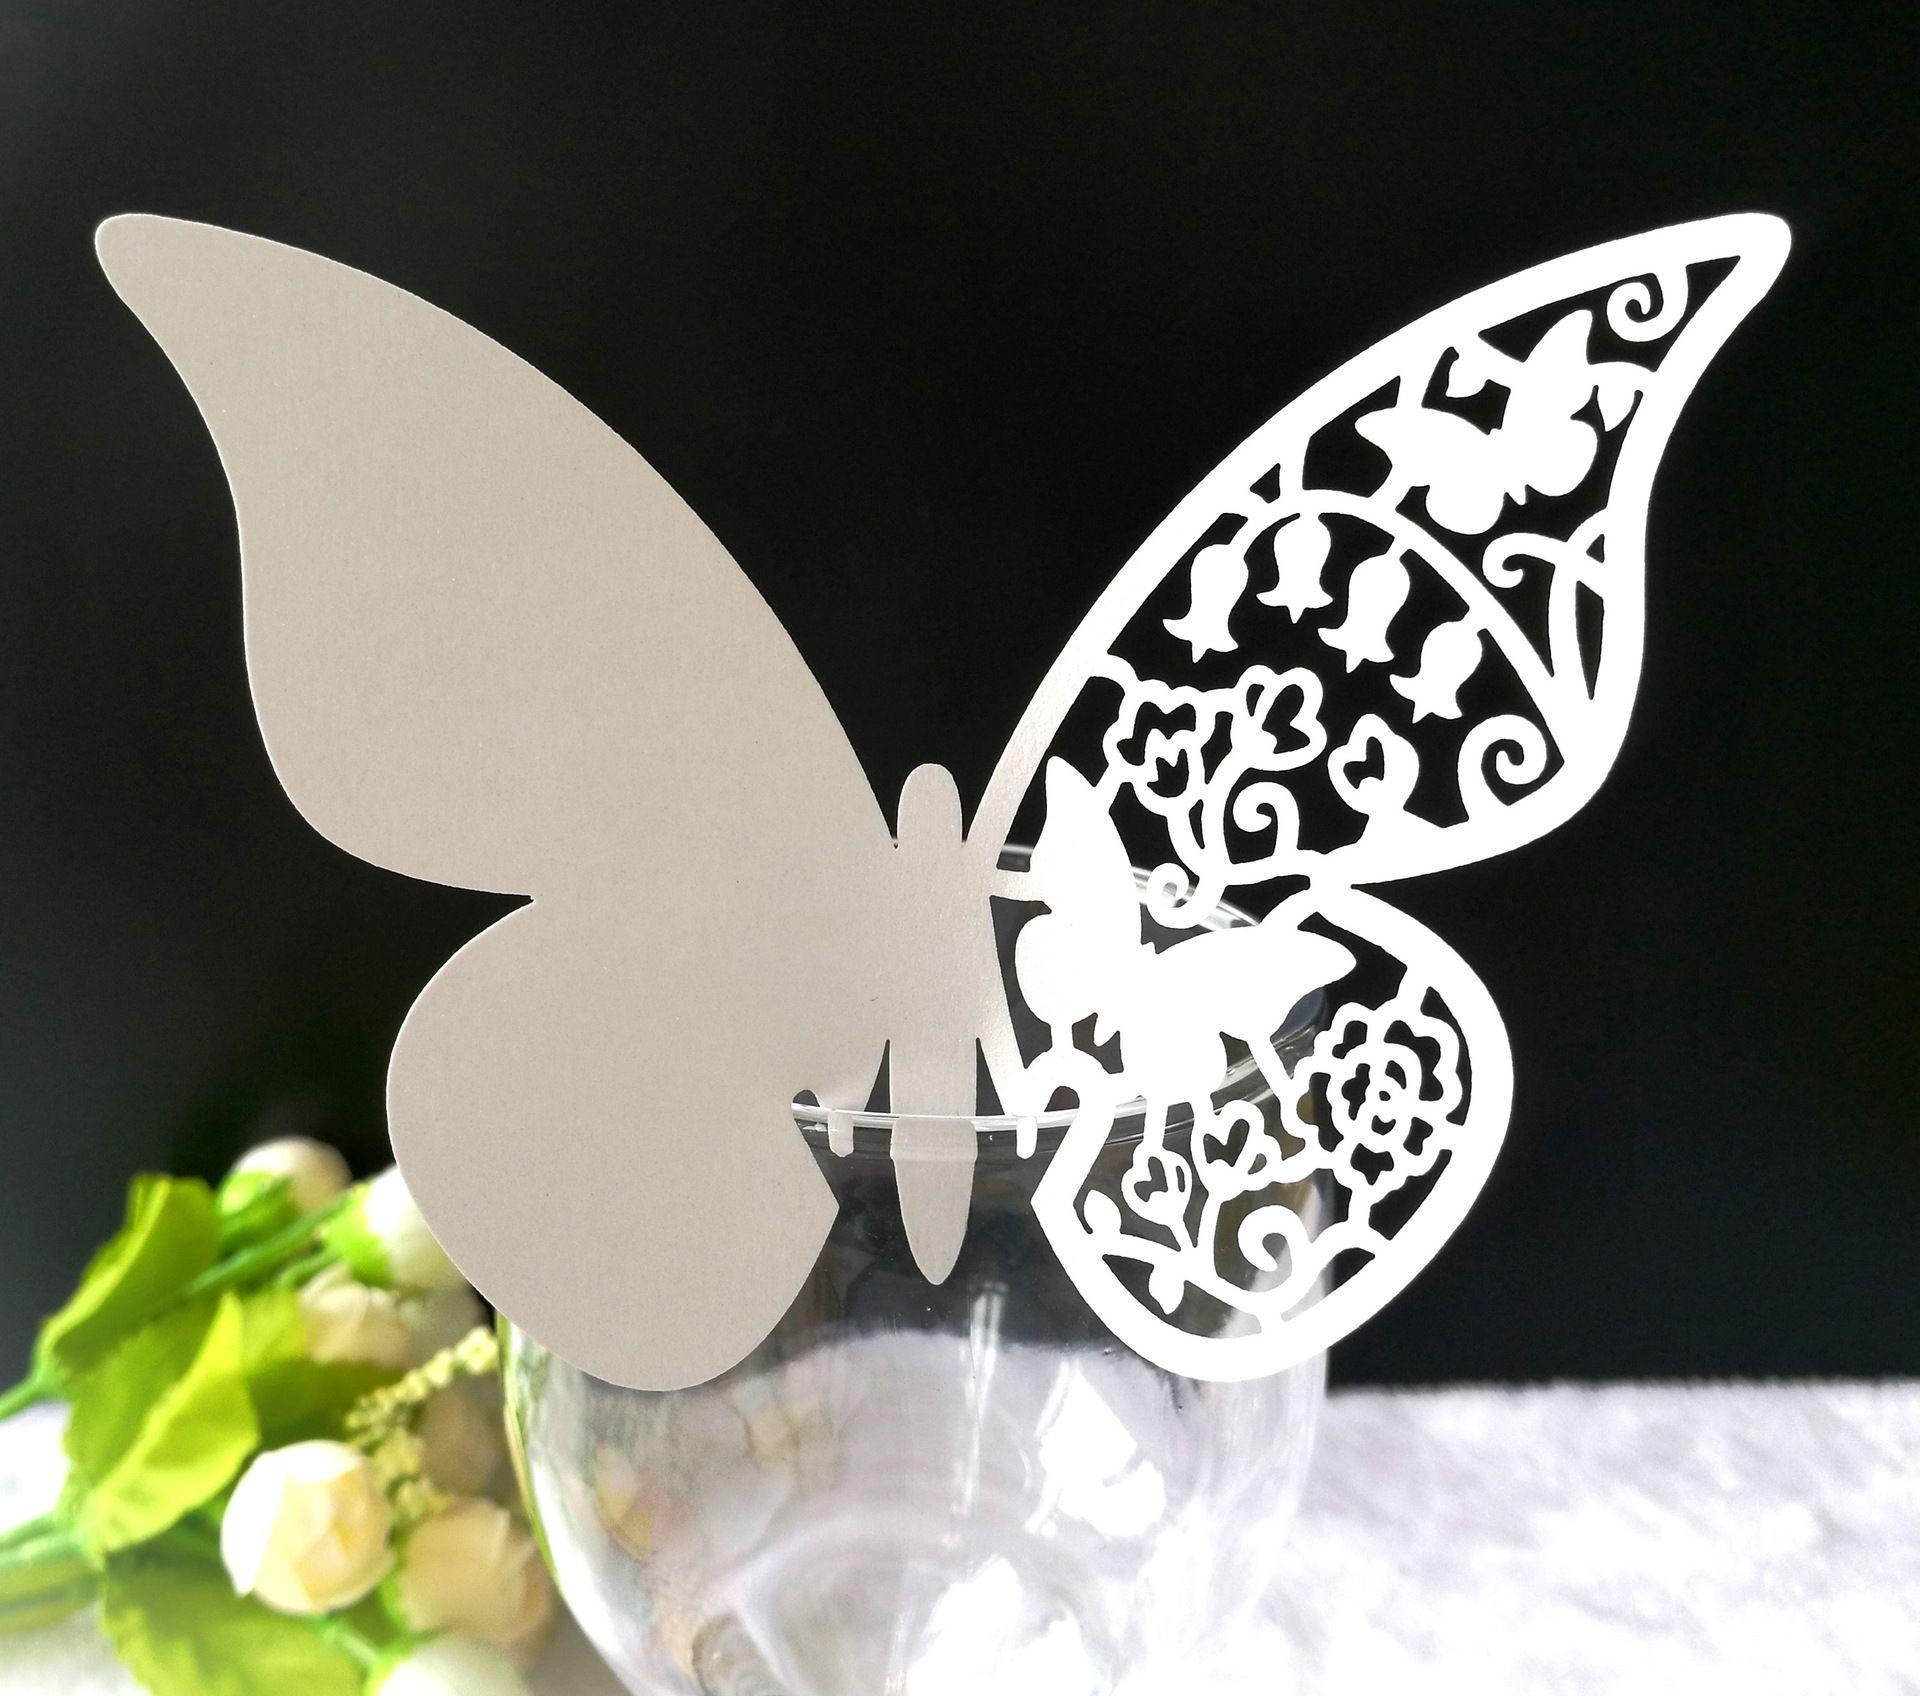 Laser-Schnitt-Place-Karten mit Schmetterlings-Papierschneidnamen-Karten für Party-Platzkarten Hochzeitsdekorationen PC1002